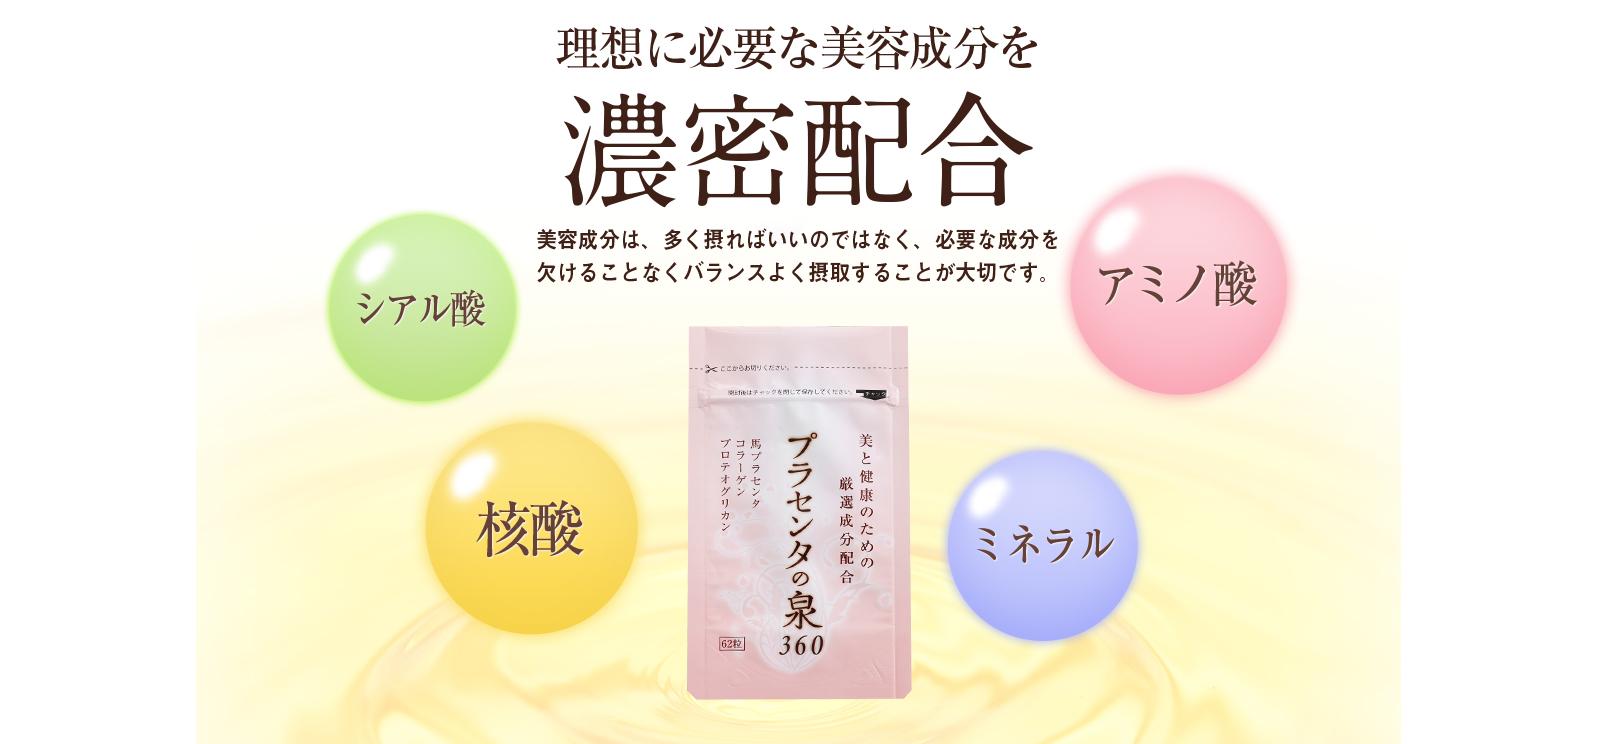 プラセンタサプリ販売用ランディングページ(LP)デザイン・制作事例15